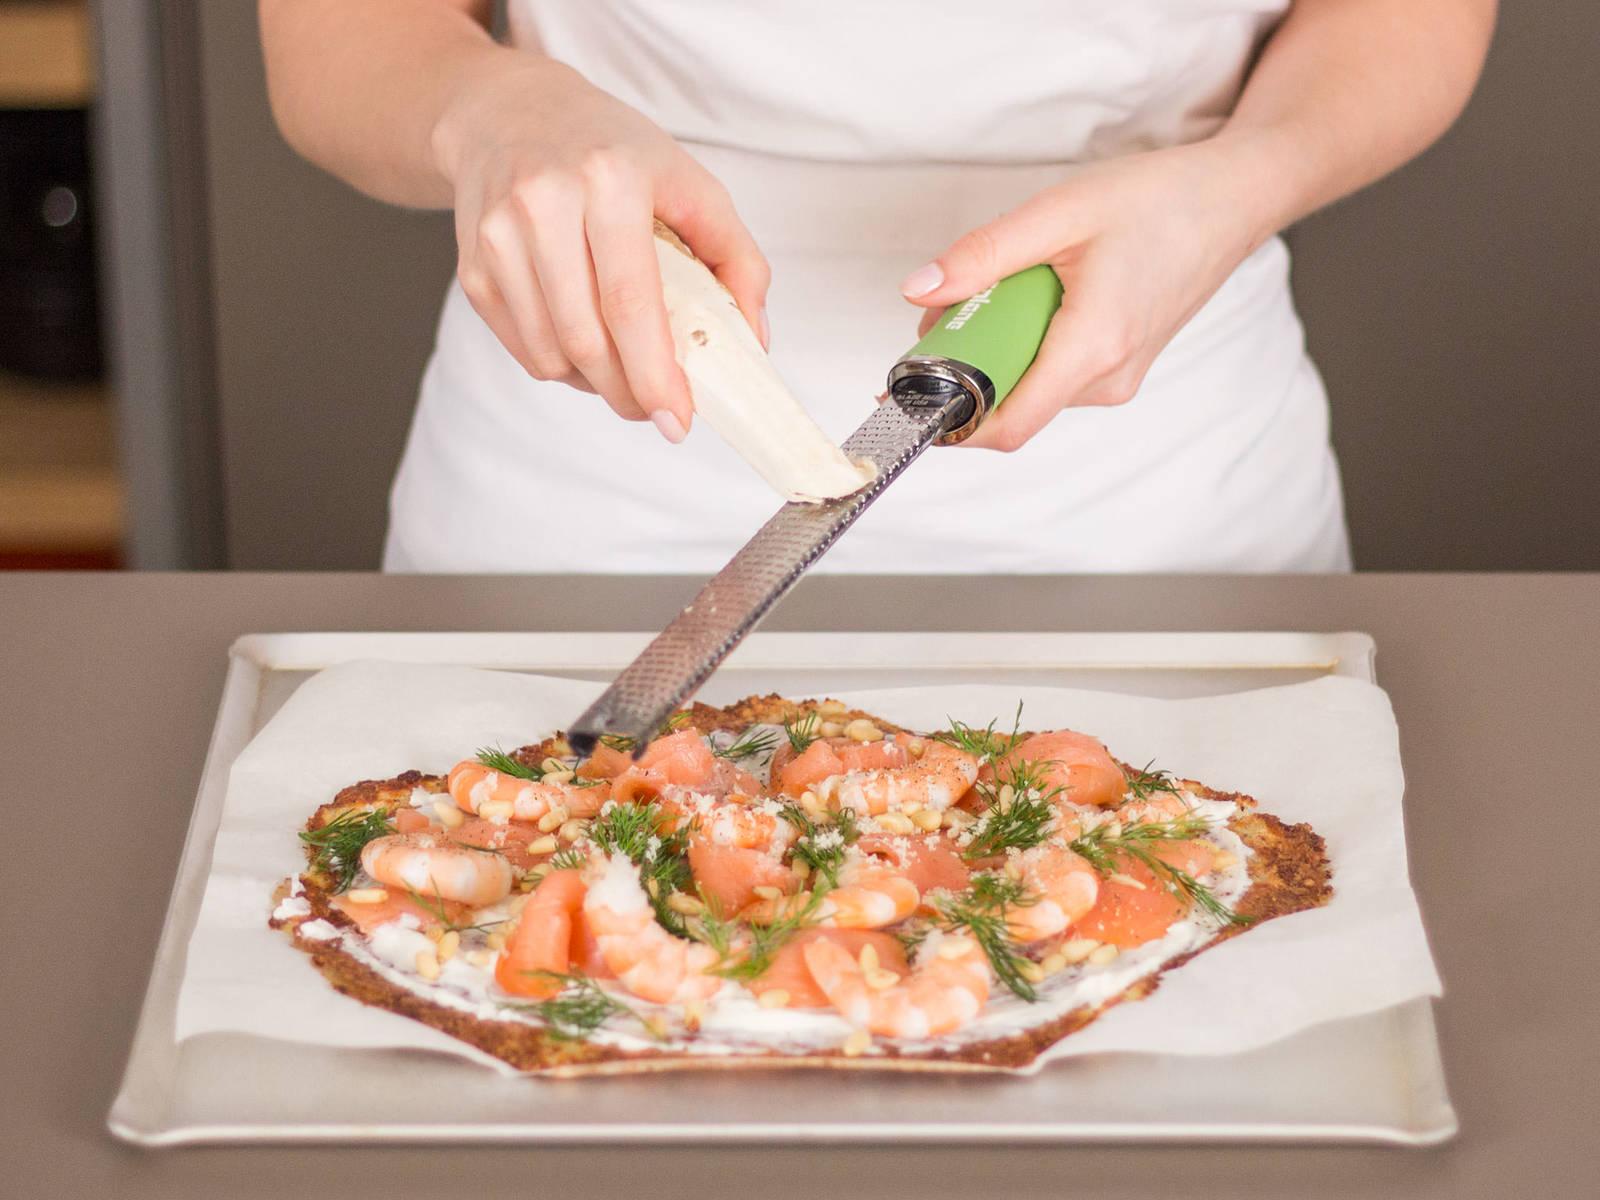 Ricotta gleichmäßig über den Teig geben. Anschließend mit Lachs, Shrimps, Pinienkernen und frisch geriebenem Meerrettich belegen. Mit frischem Dill garniert servieren. Guten Appetit!